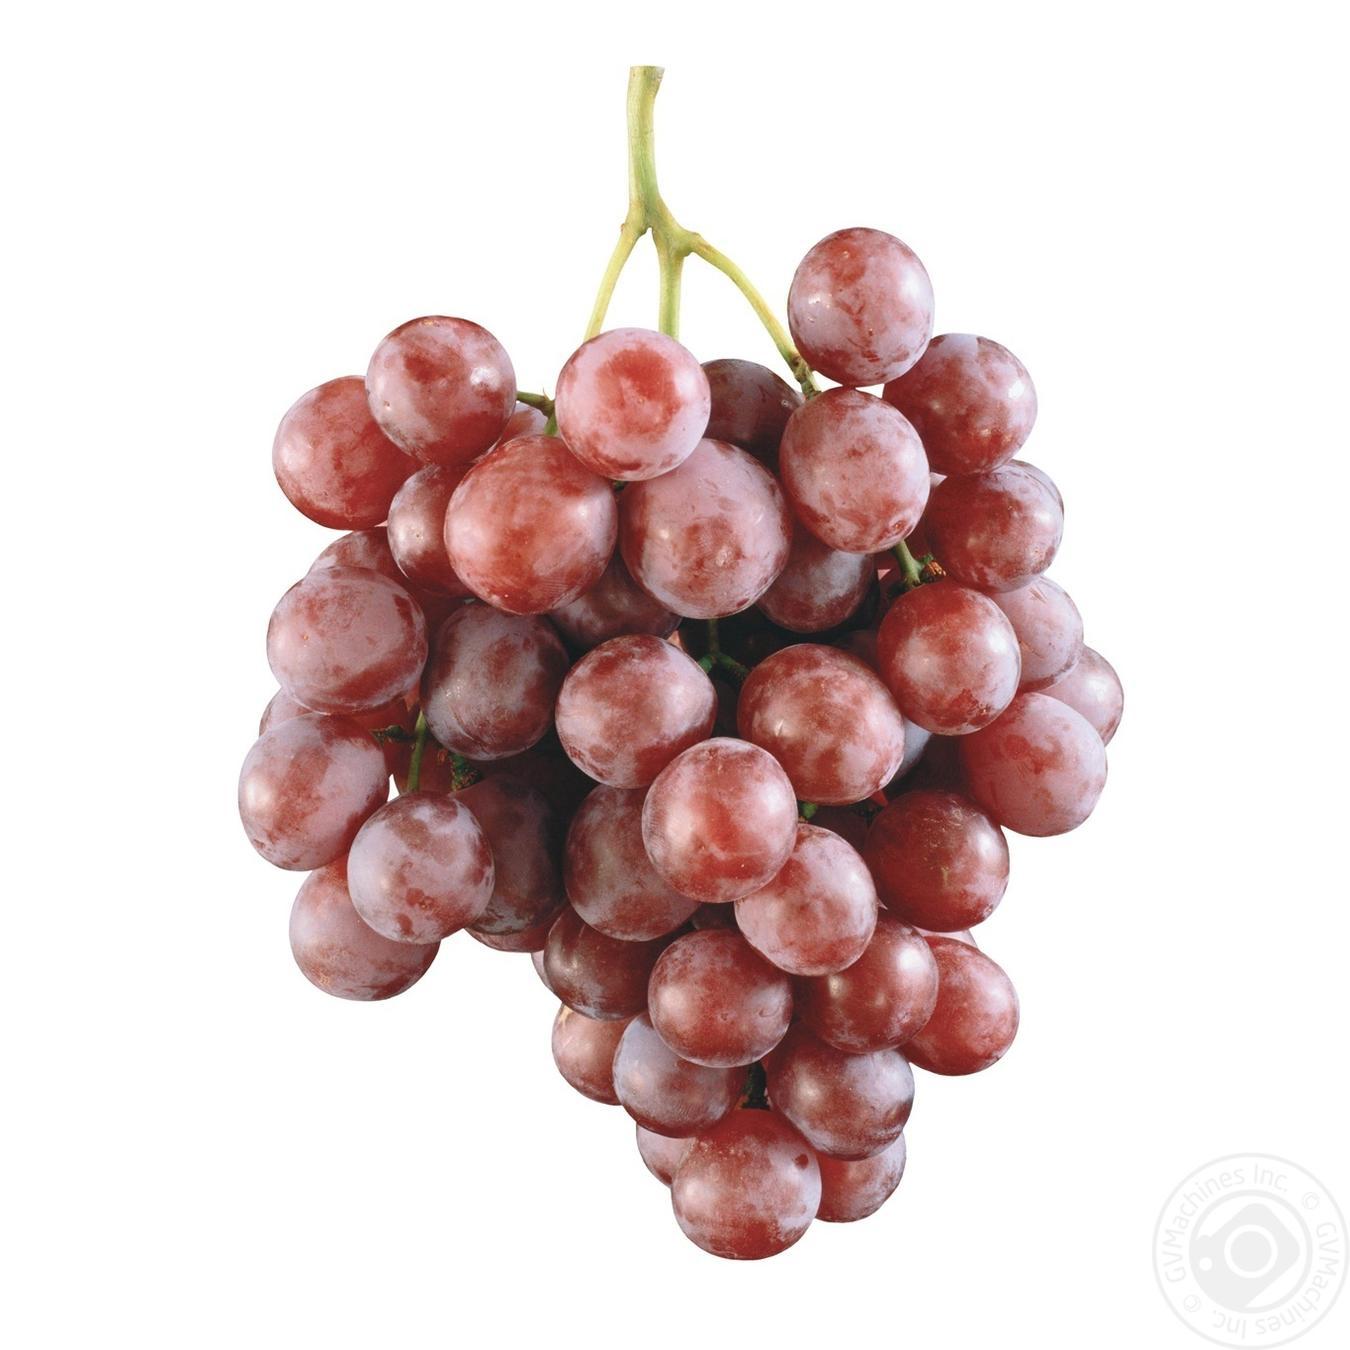 Купить Фрукти, Виноград рожевий кг